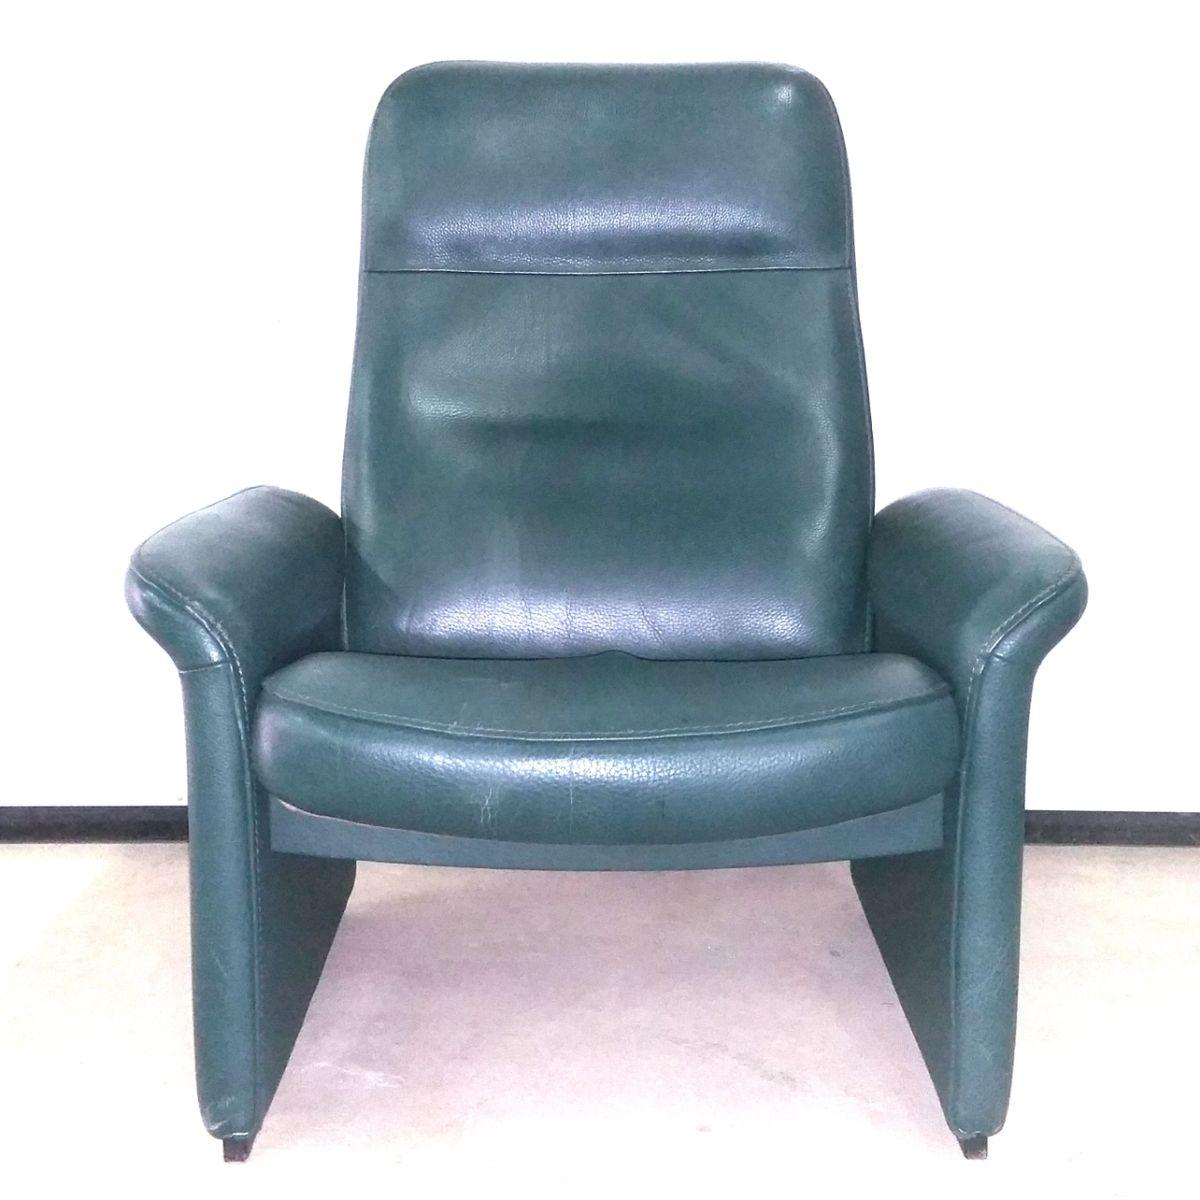 Gr ner vintage ds 50 sessel von de sede bei pamono kaufen for Sessel auf englisch